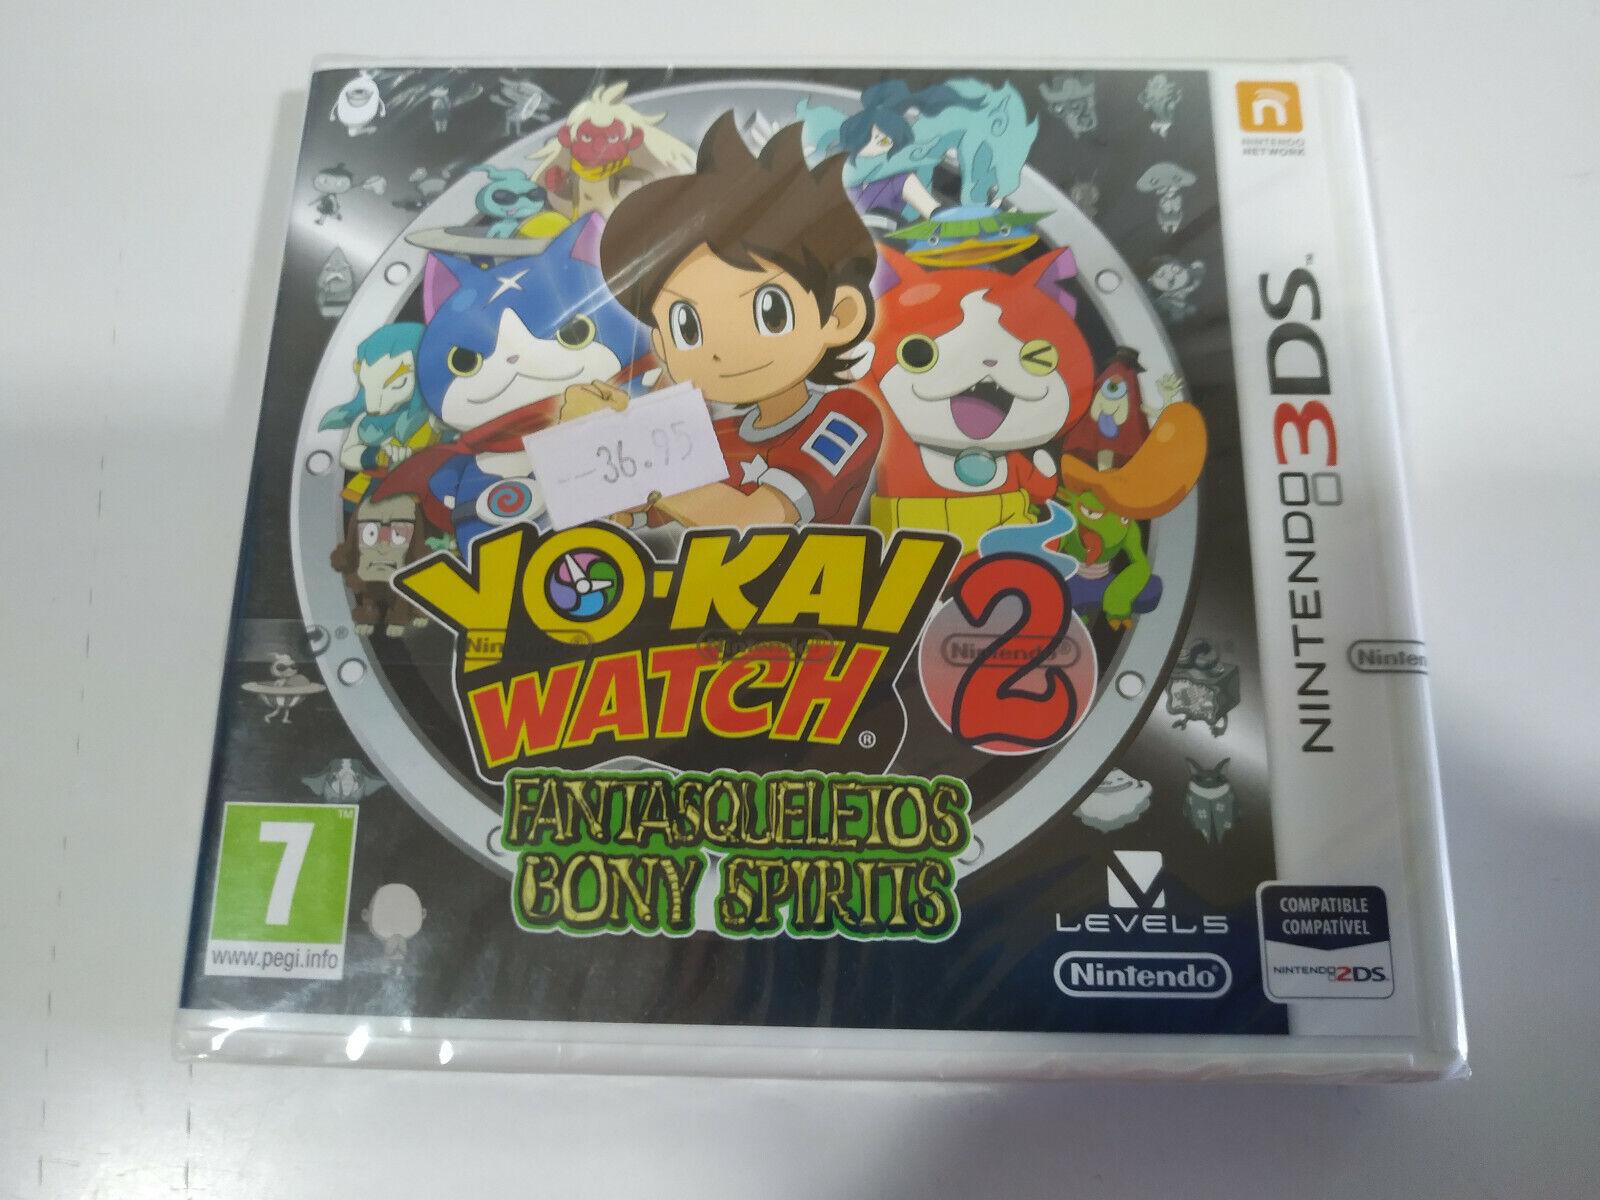 Yo-Kai Watch 2 Fantasqueletos Bony Spirits - Juego Nintendo 3DS Edicion España